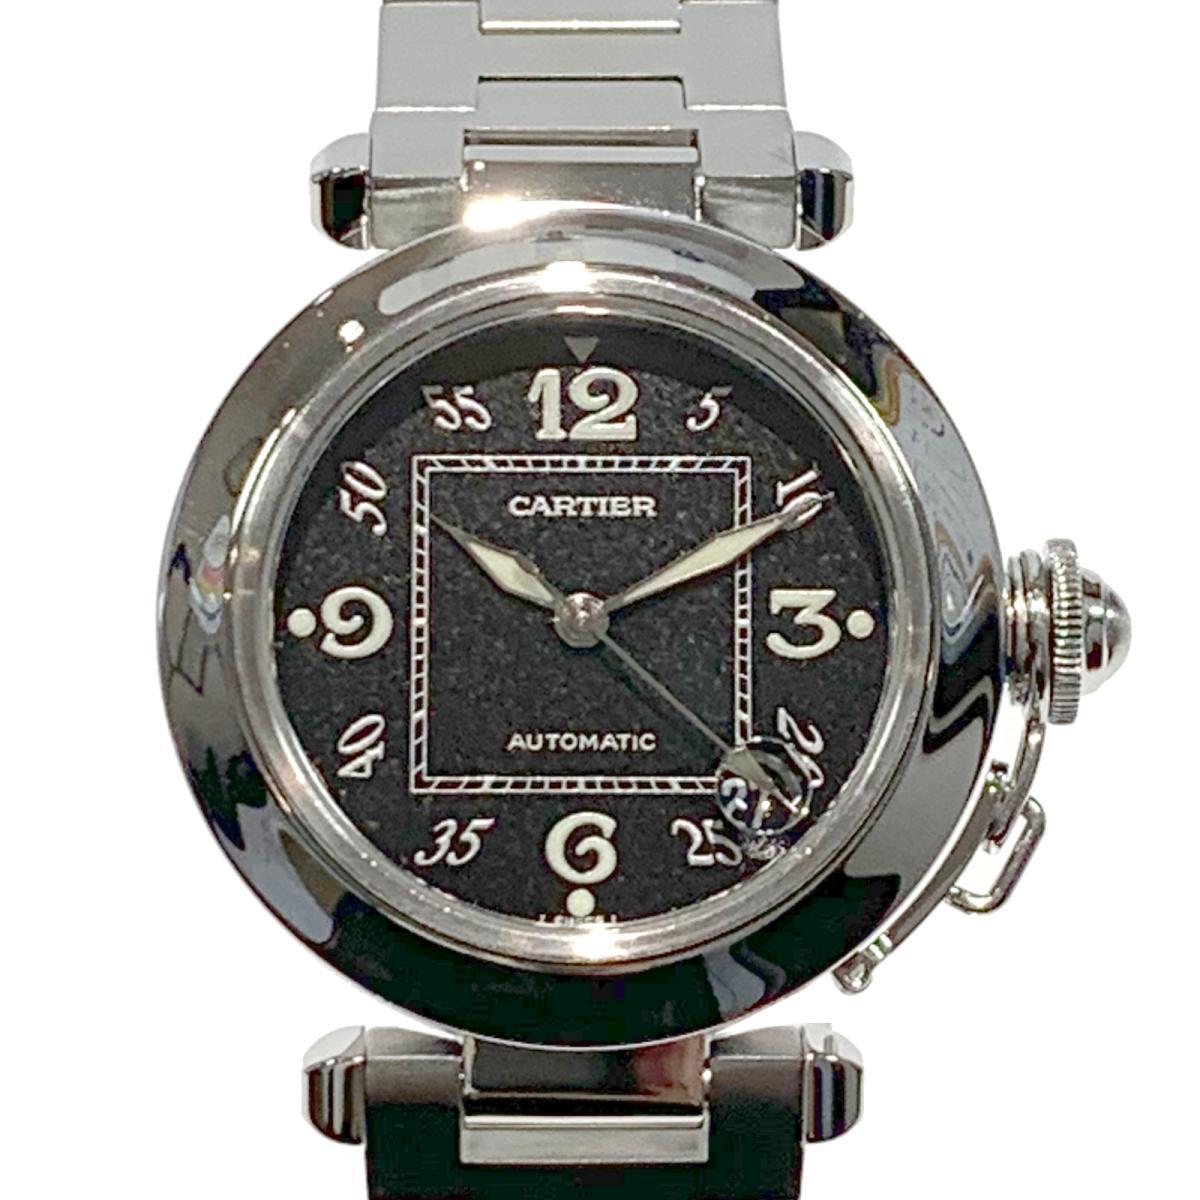 ≪期間限定≫メルマガ登録でクーポンGET! 【中古】 カルティエ パシャC 腕時計 ウォッチ レディース ステンレススチール (SS) シルバー ブラック (W31043M7) | Cartier BRANDOFF ブランドオフ ブランド ブランド時計 ブランド腕時計 時計